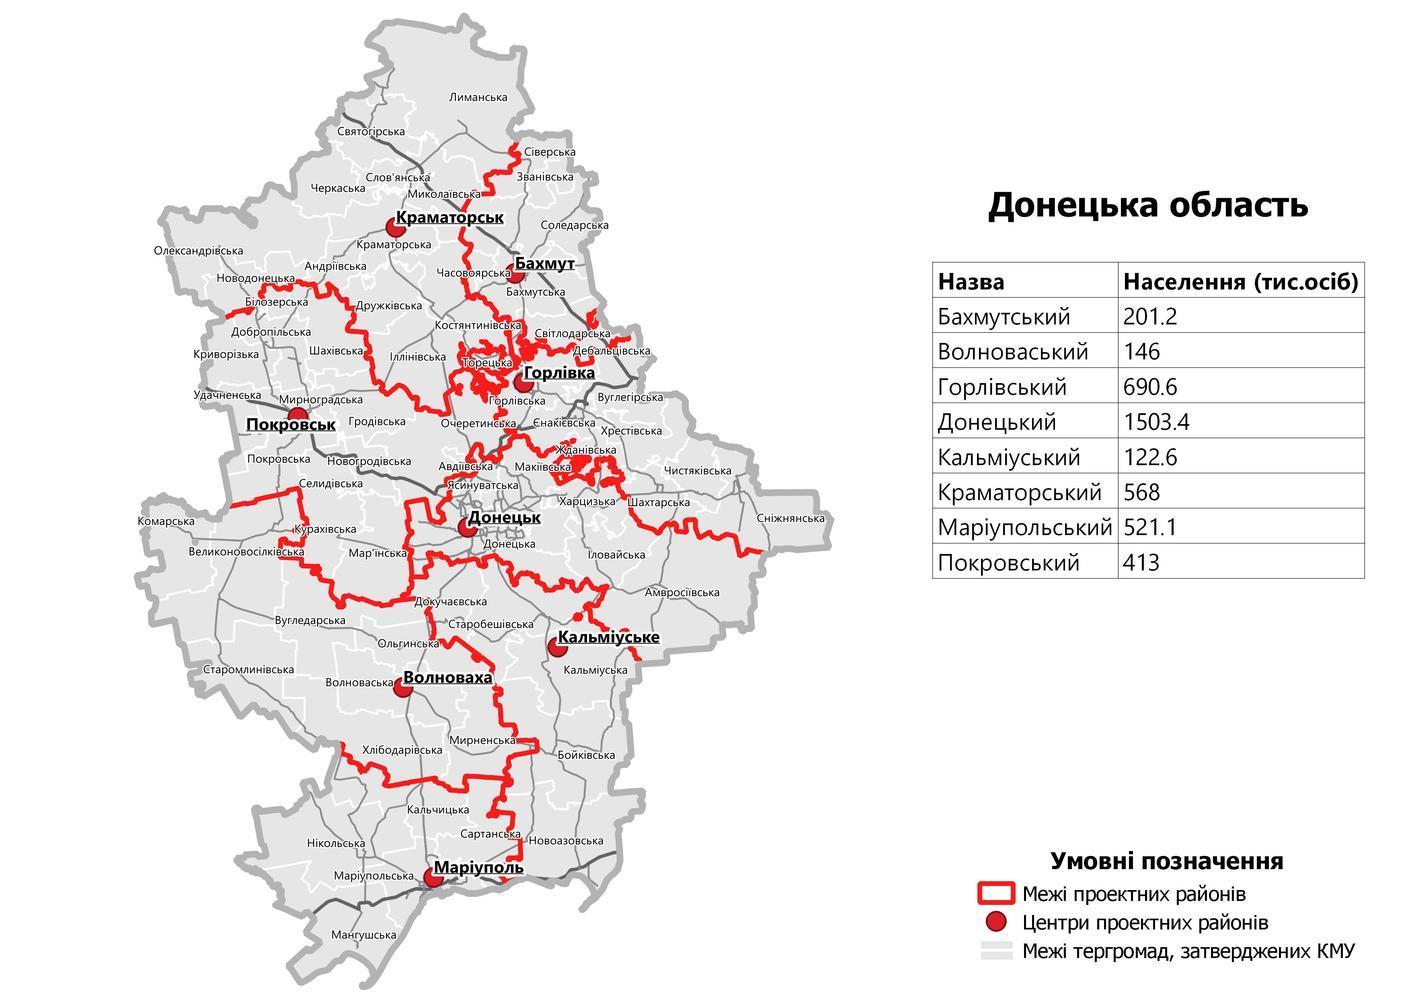 Карта адміністративно-територіального устрою субрегіонального рівня (районів)